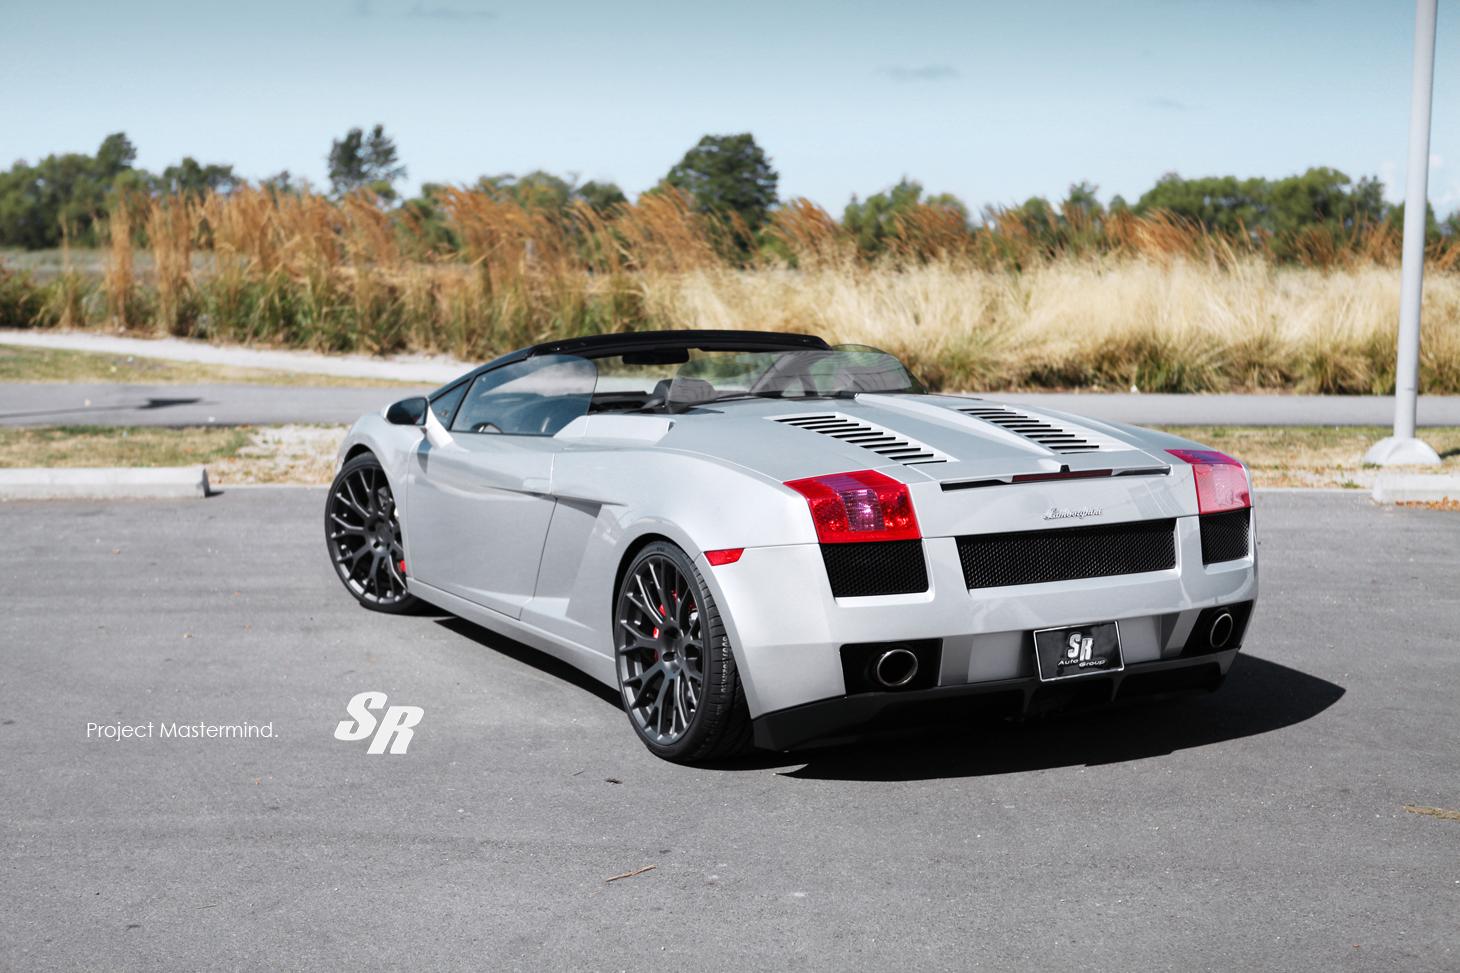 Sr Auto Lamborghini Gallardo Spyder Project Mastermind Picture 74250